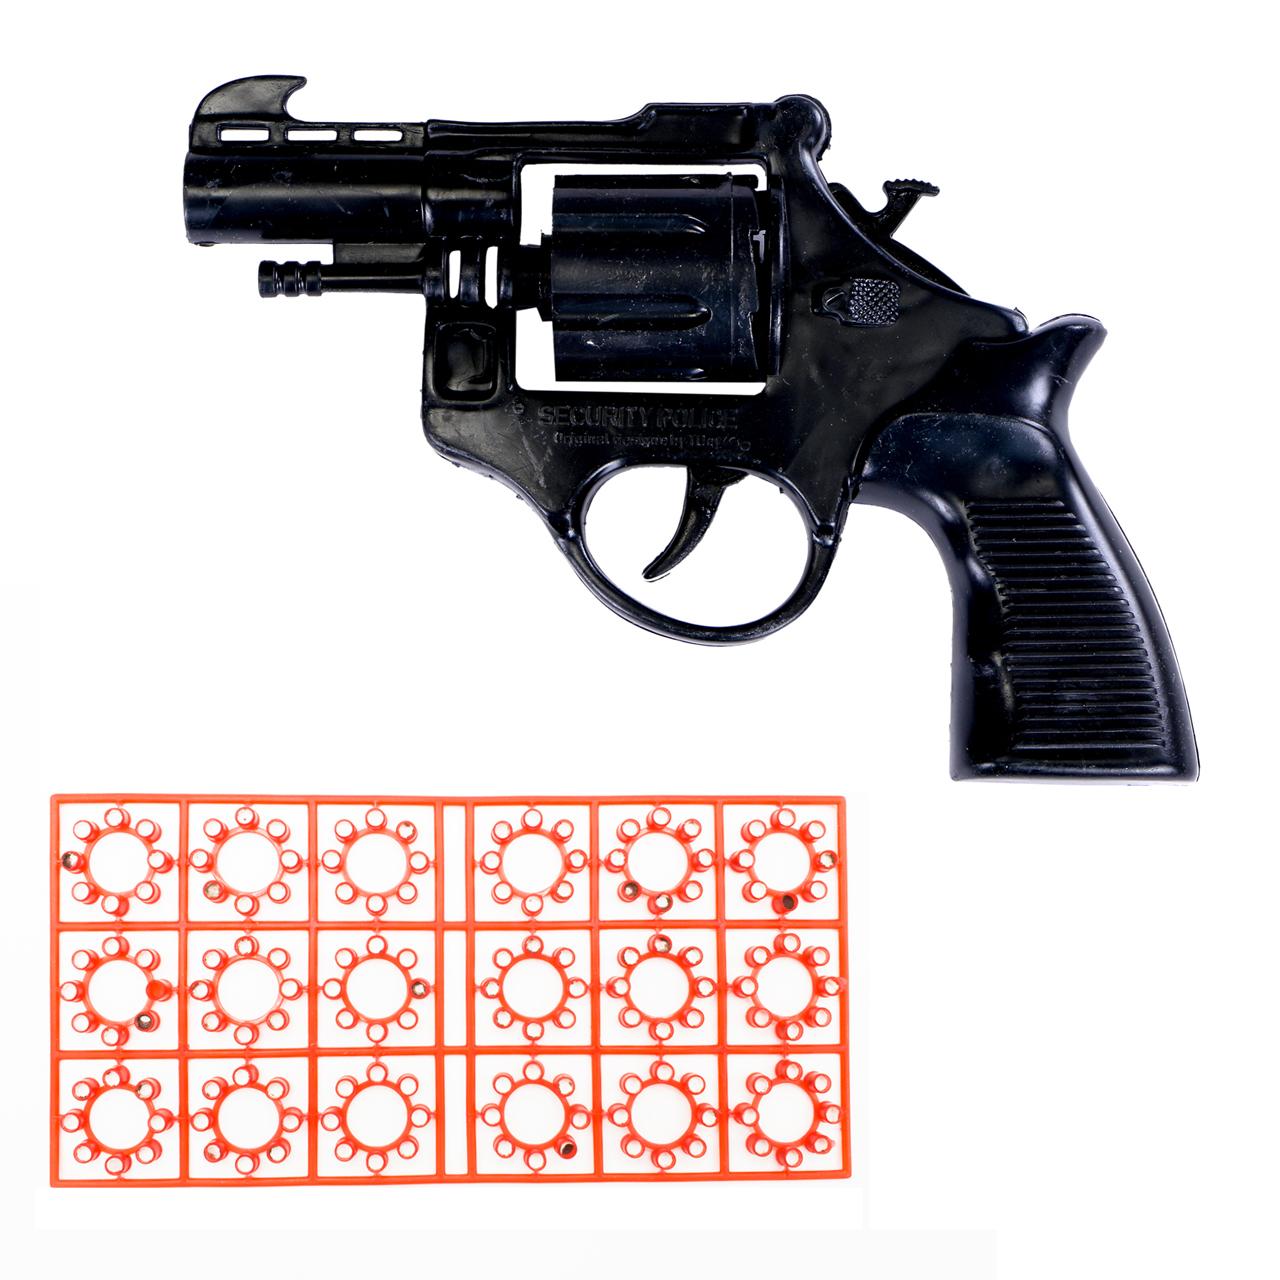 عکس تفنگ اسباب بازی مدل ترقه ای به همراه یک بسته تیر